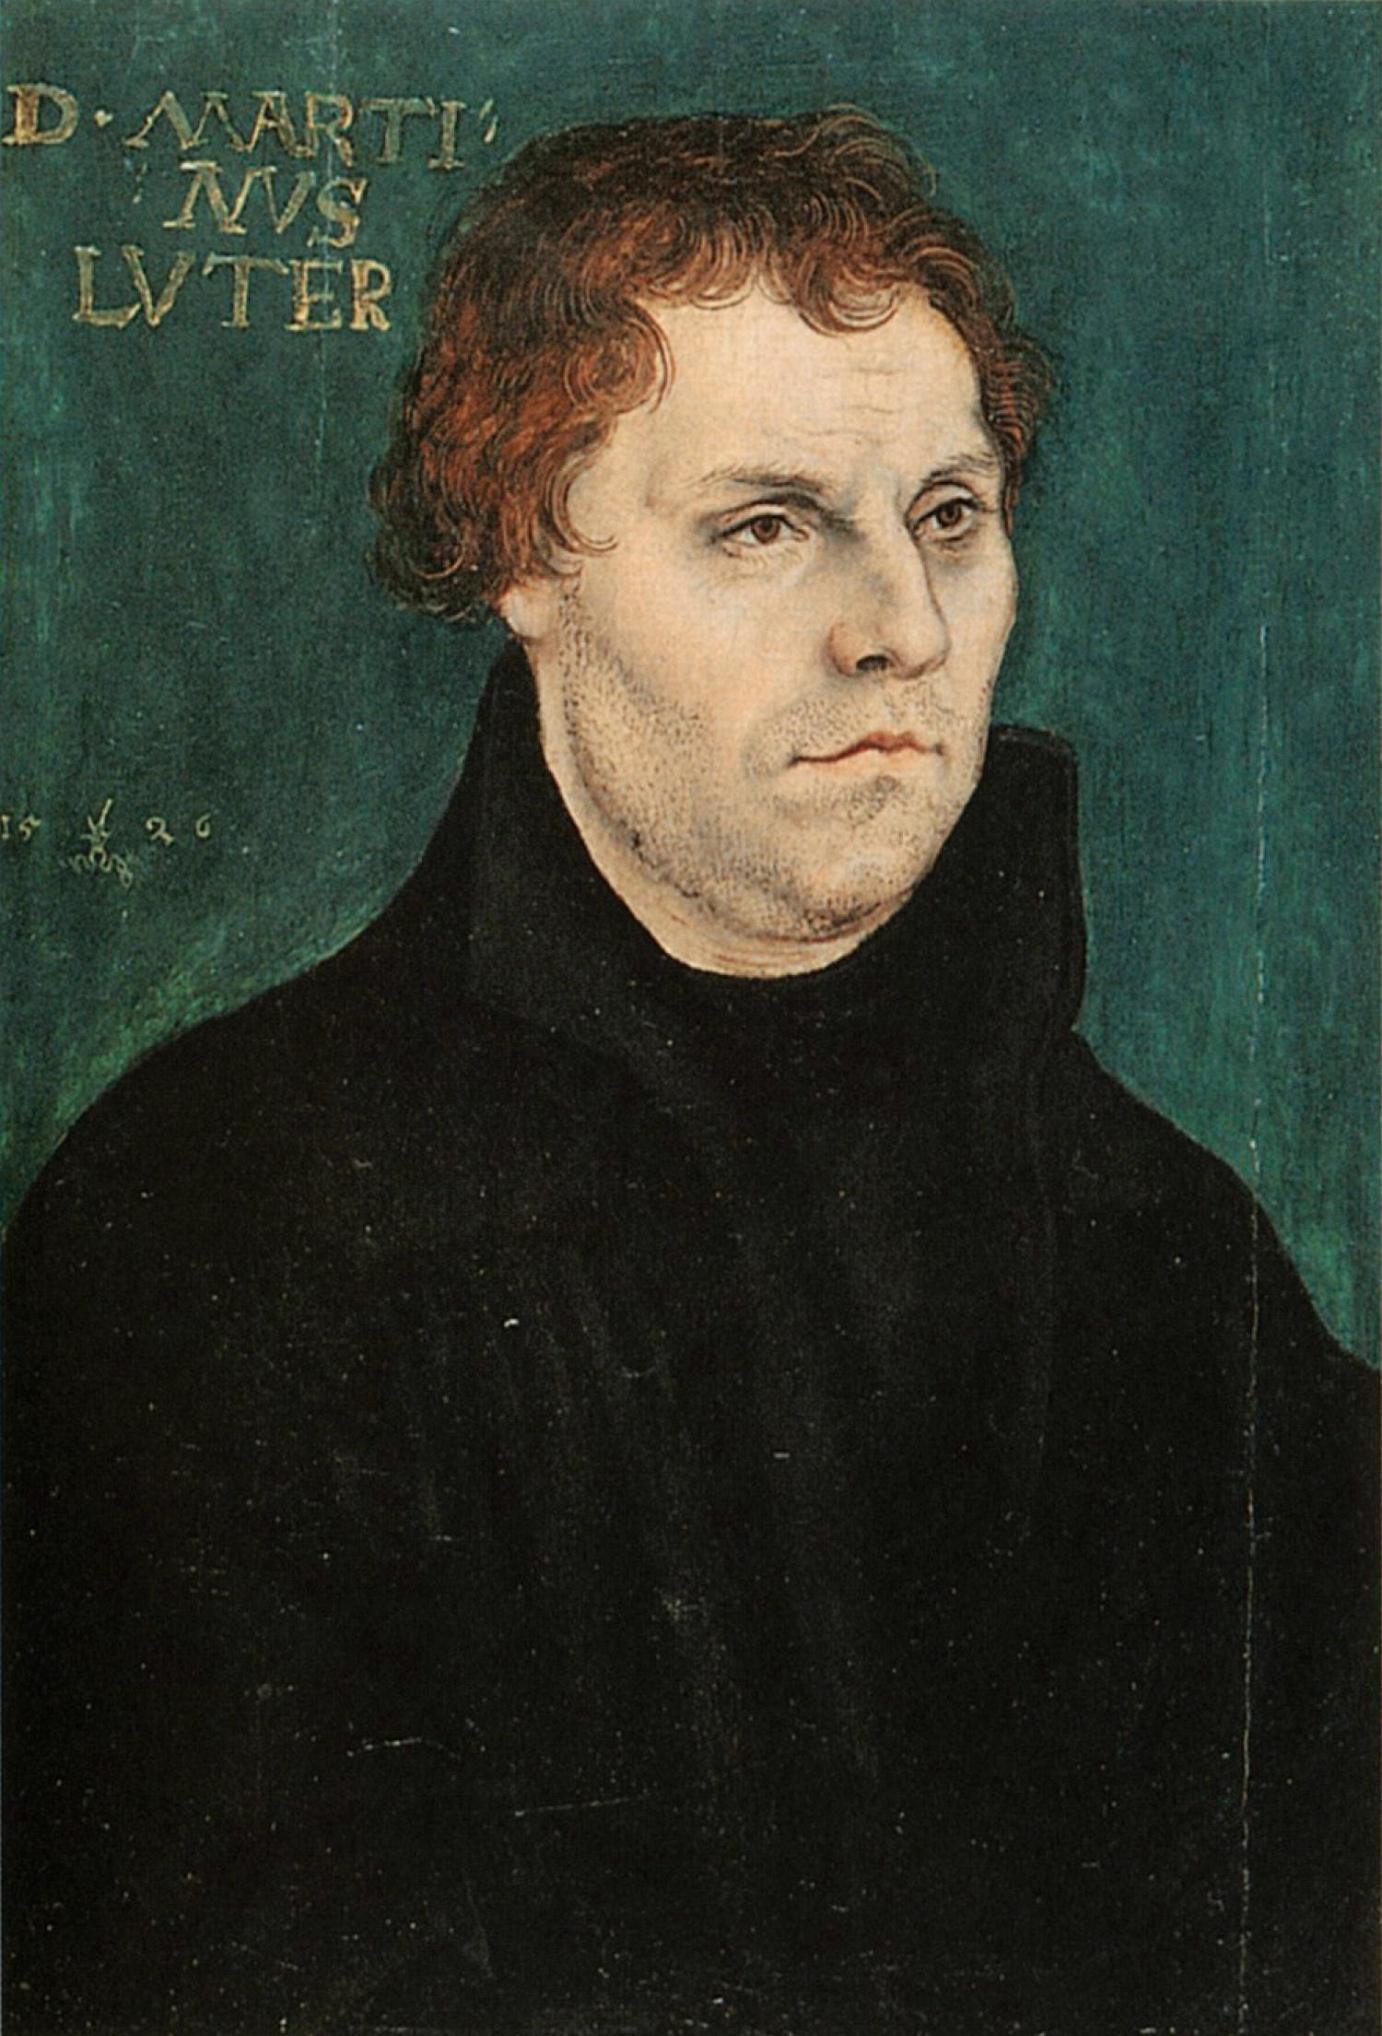 クラーナハが描いたルターの肖像画